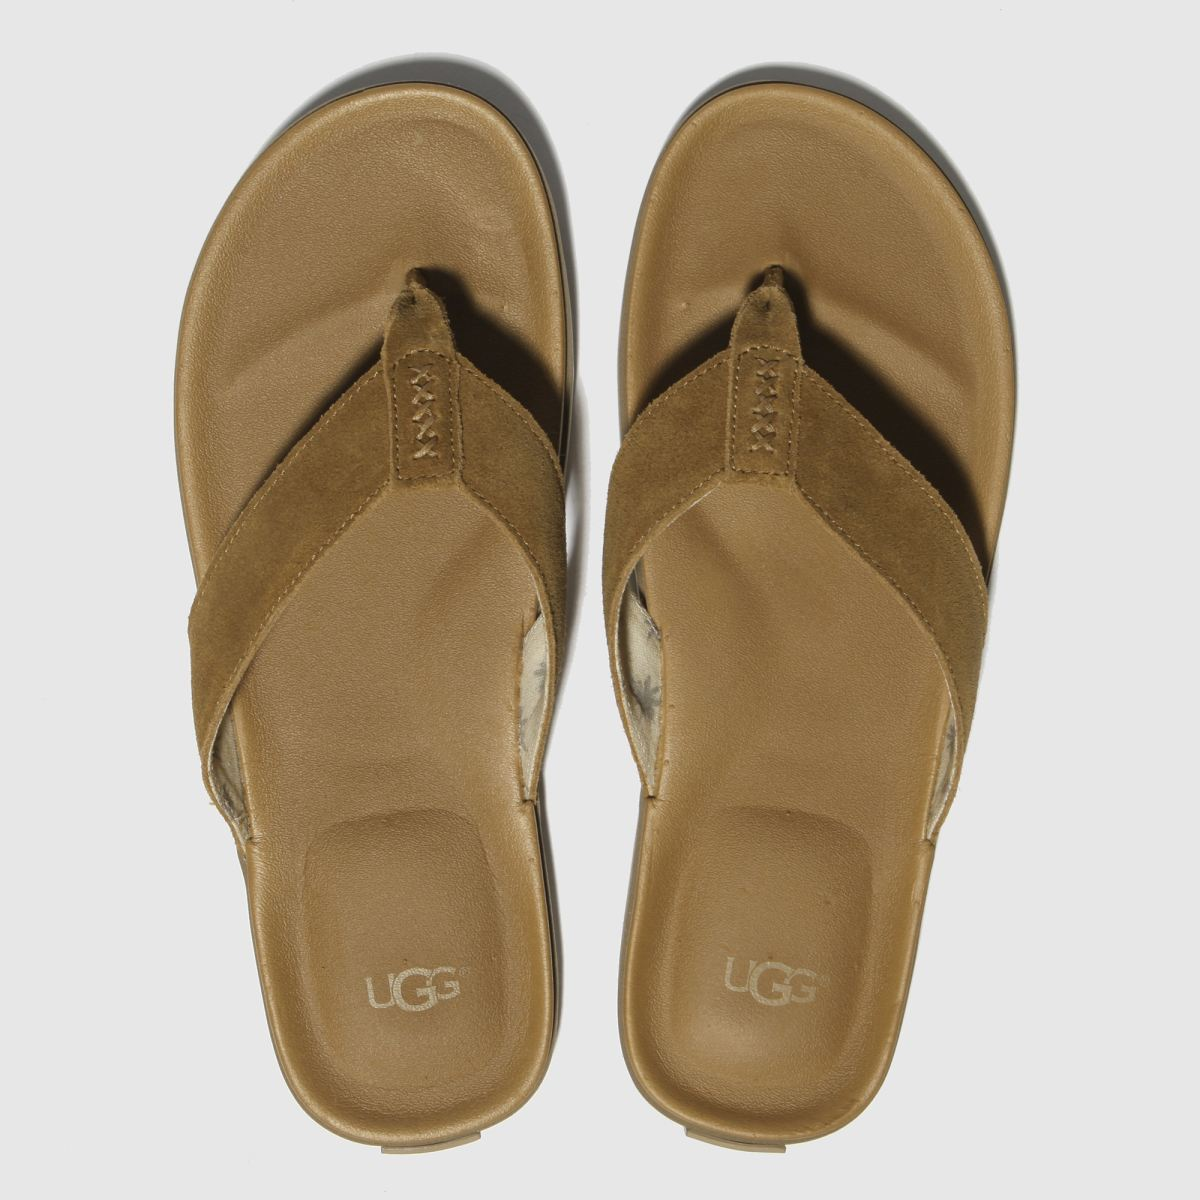 Ugg Tan Beach Flip Flop Sandals